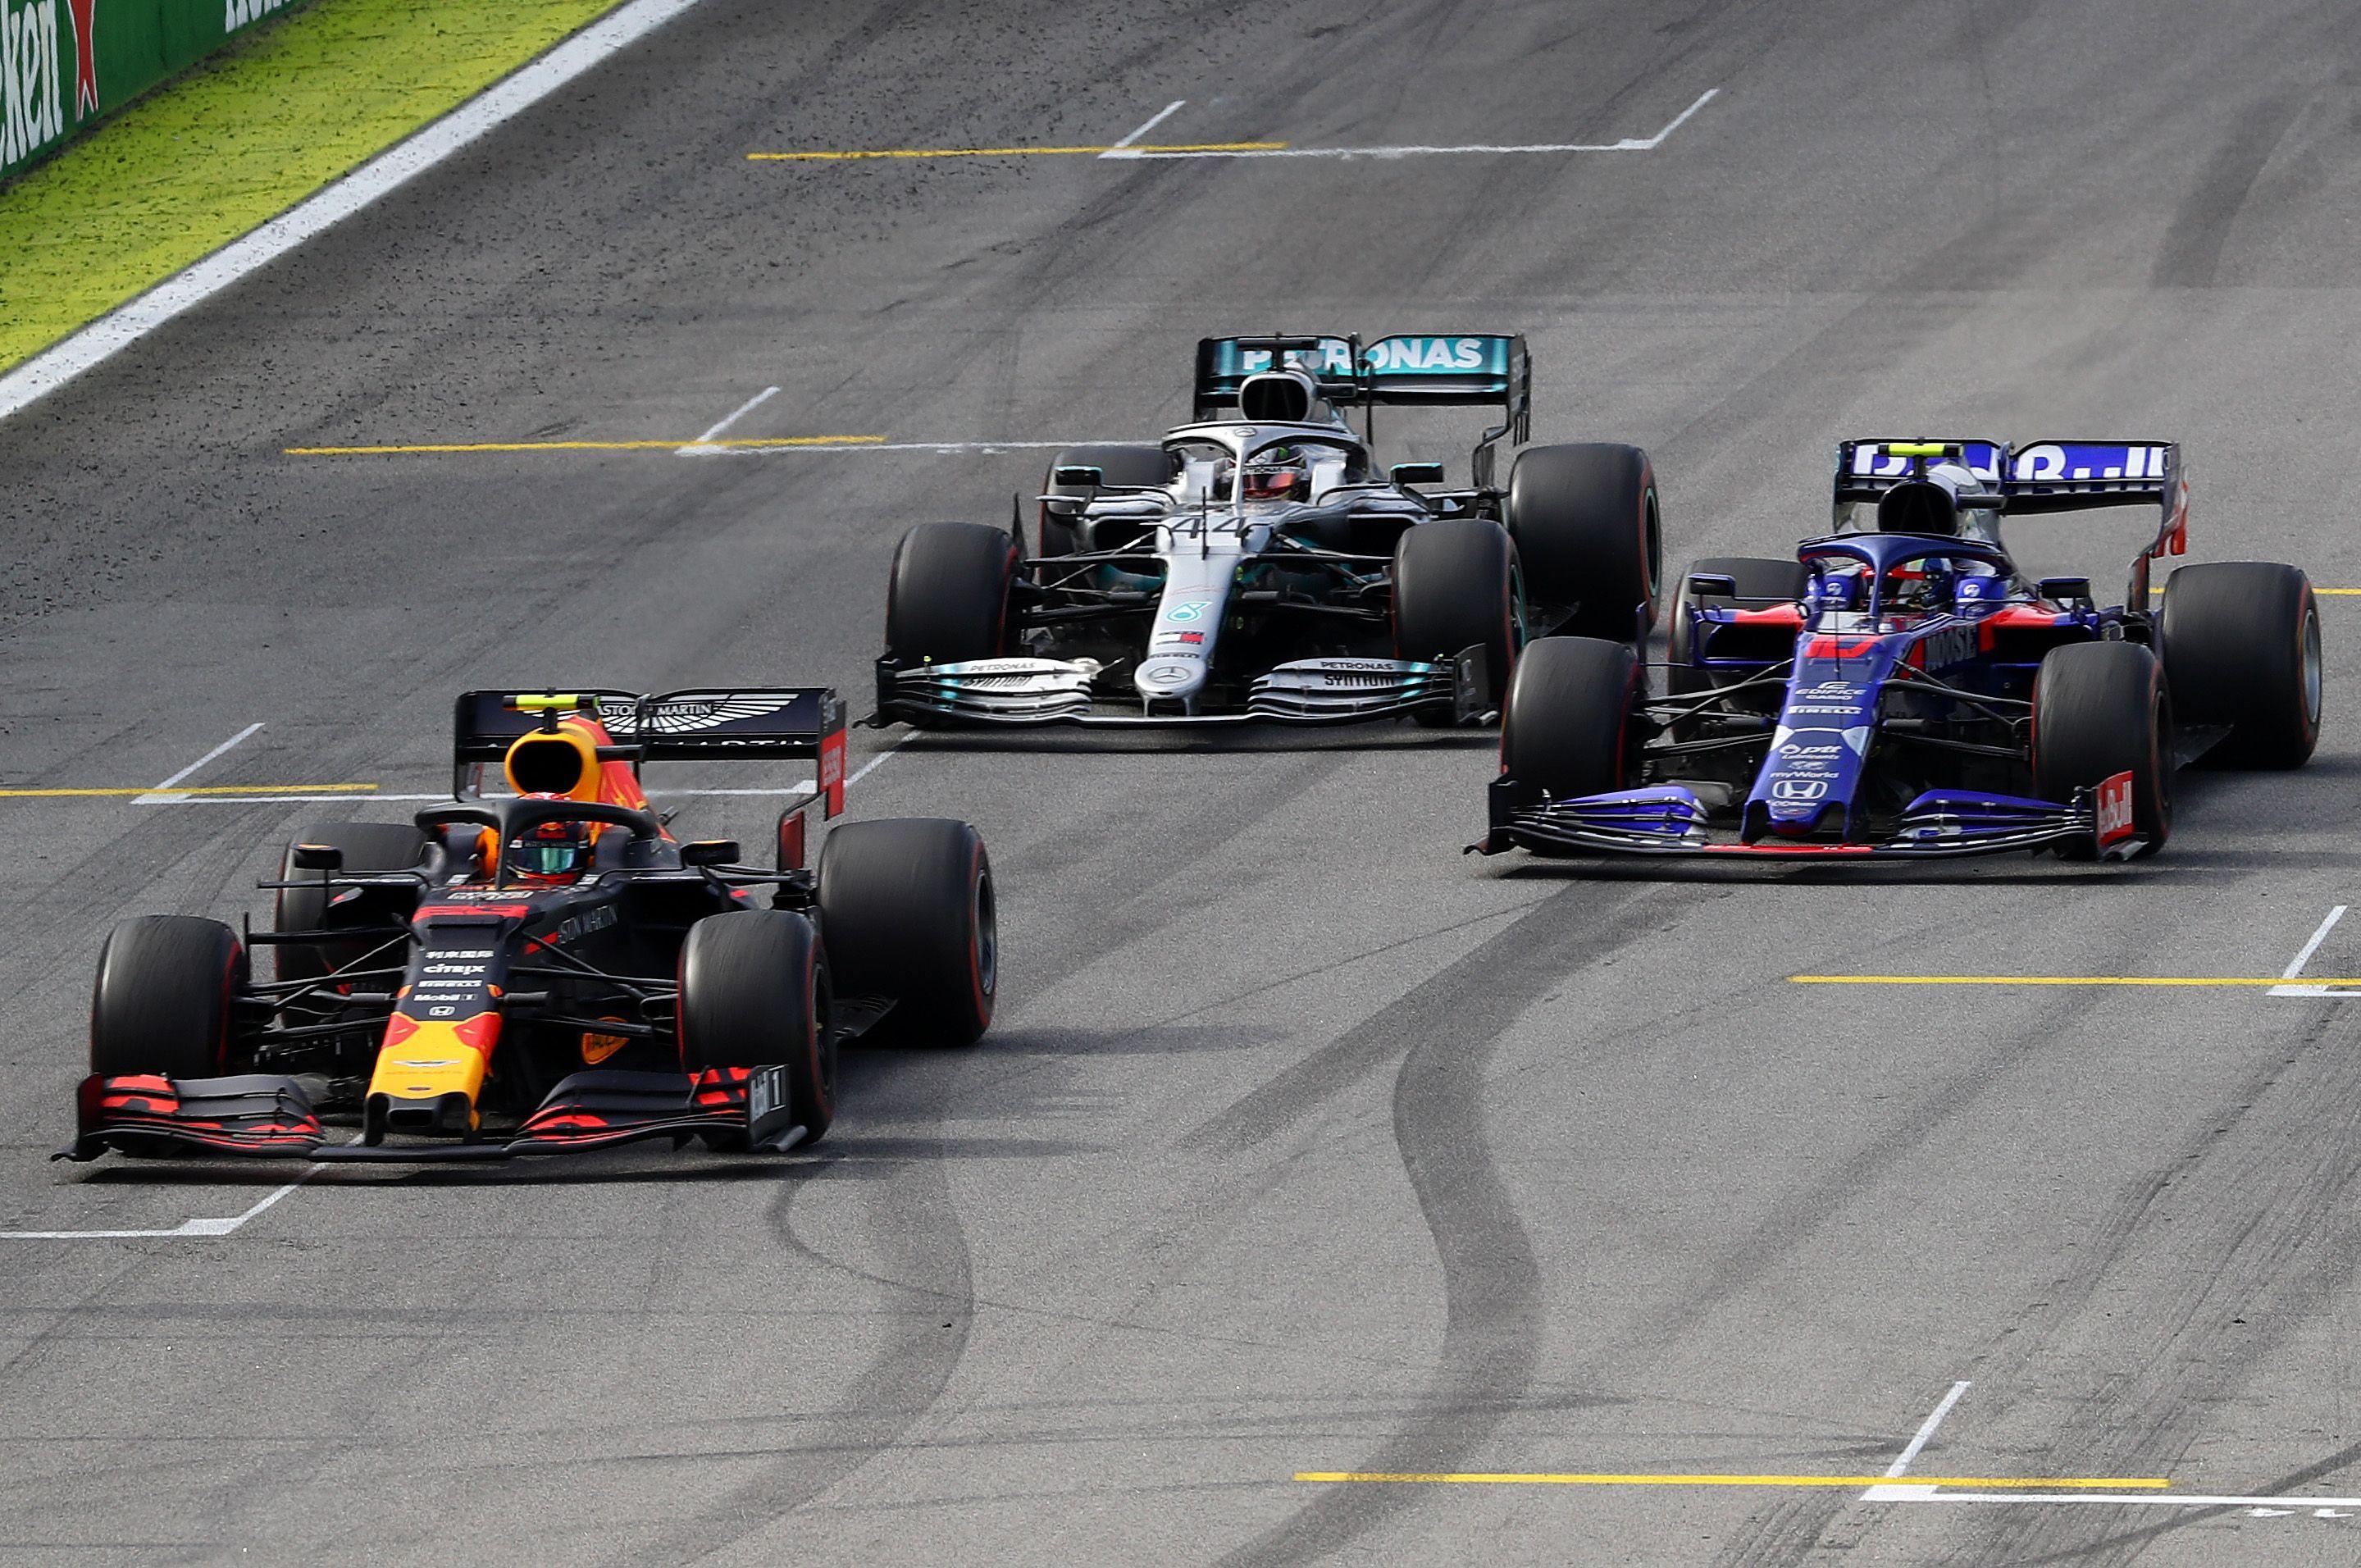 Alexander Albon, Lewis Hamilton